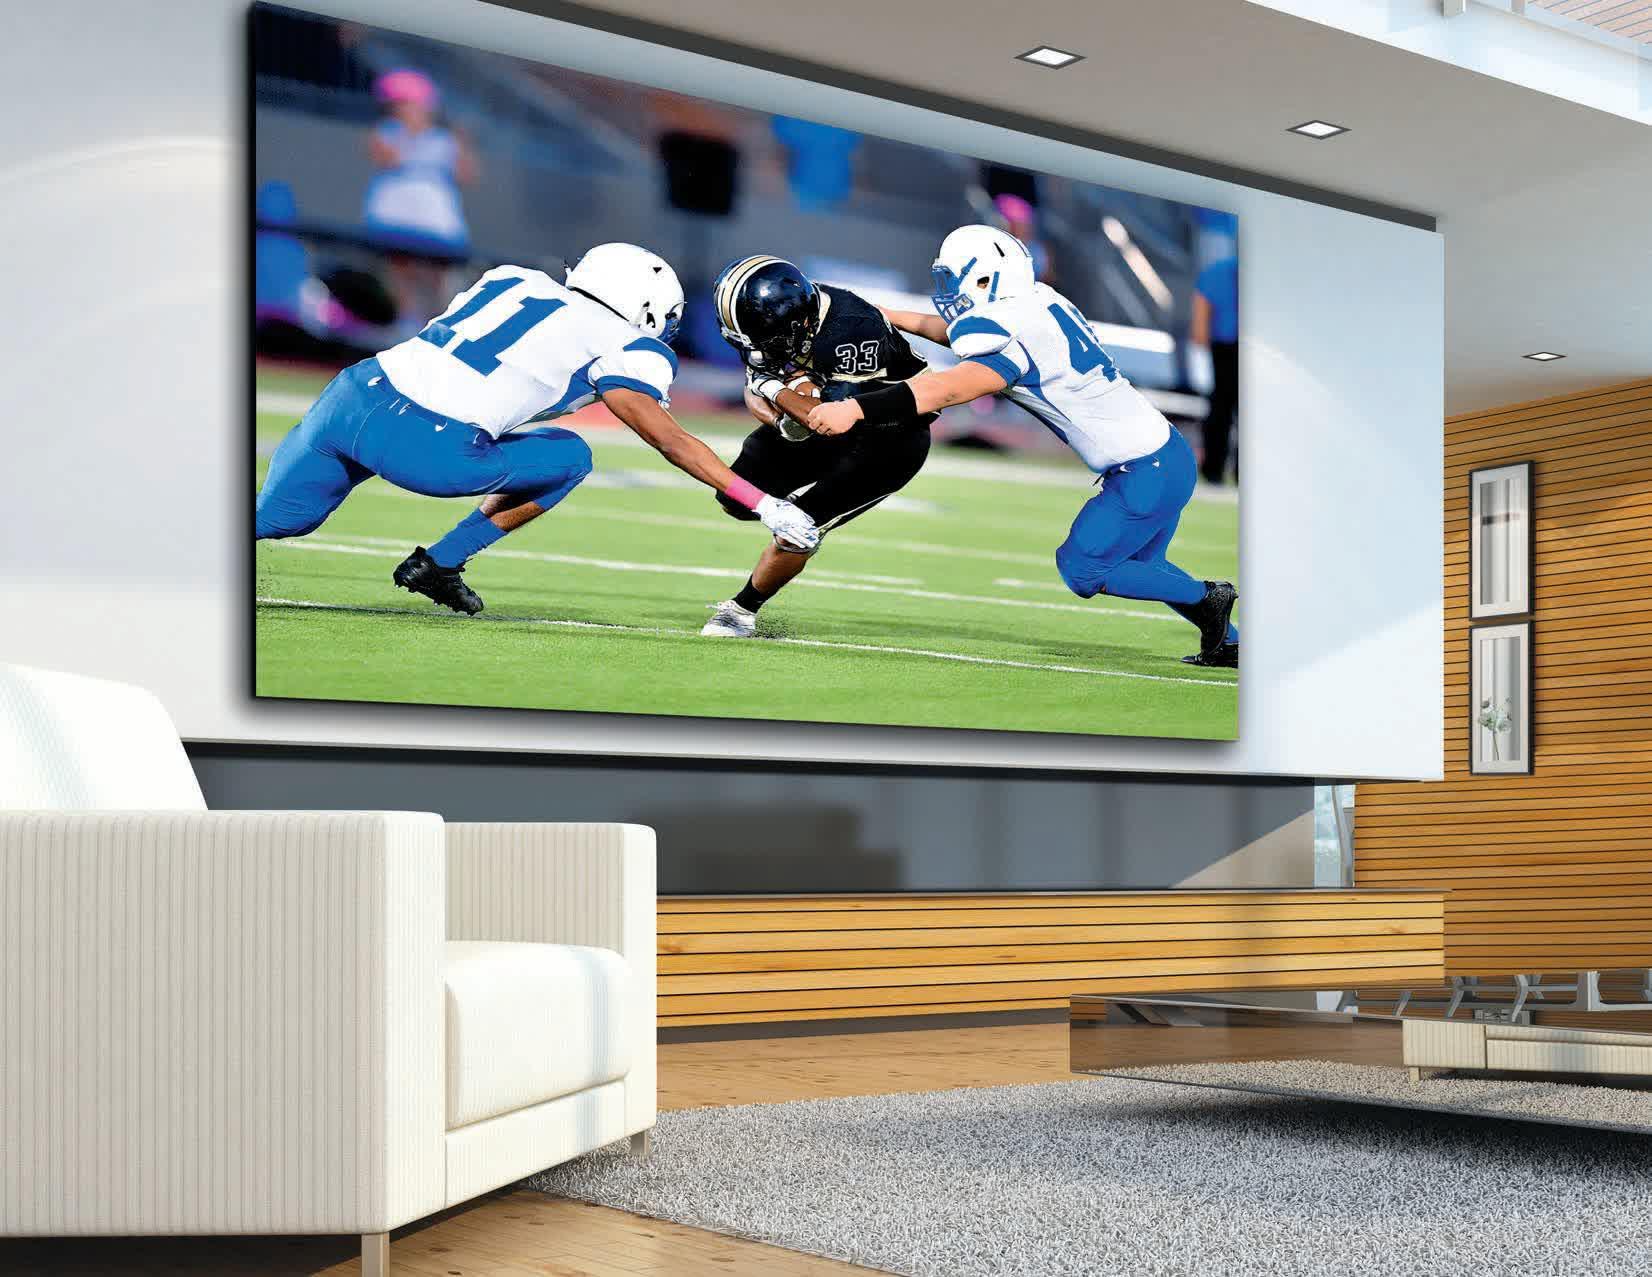 Les televiseurs LED Direct View sont la reponse ridiculement grande